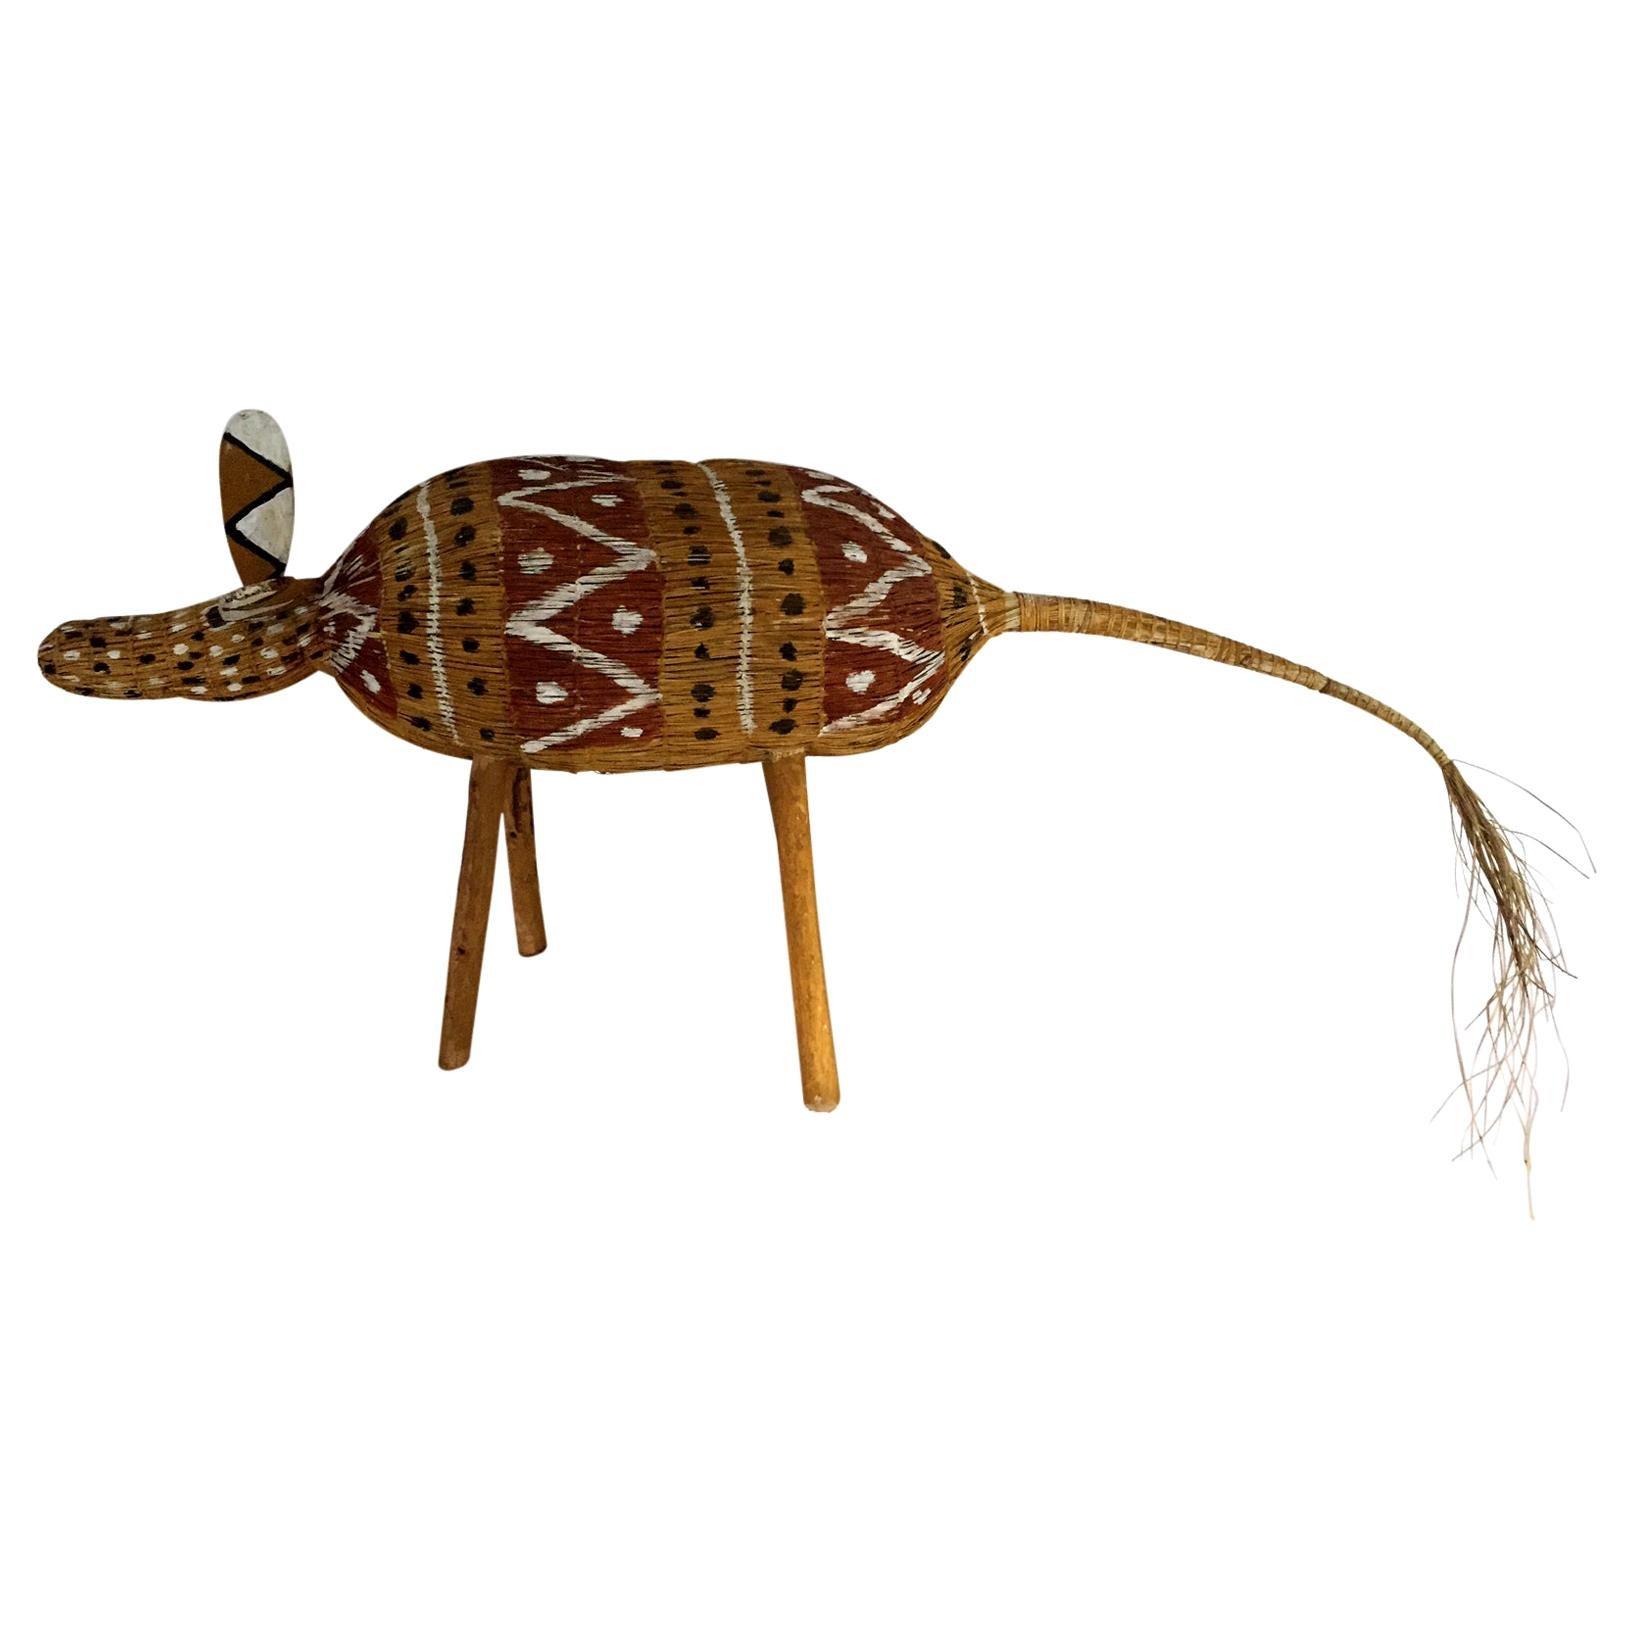 Aboriginal Contemporary Fiber Art Camp Dog